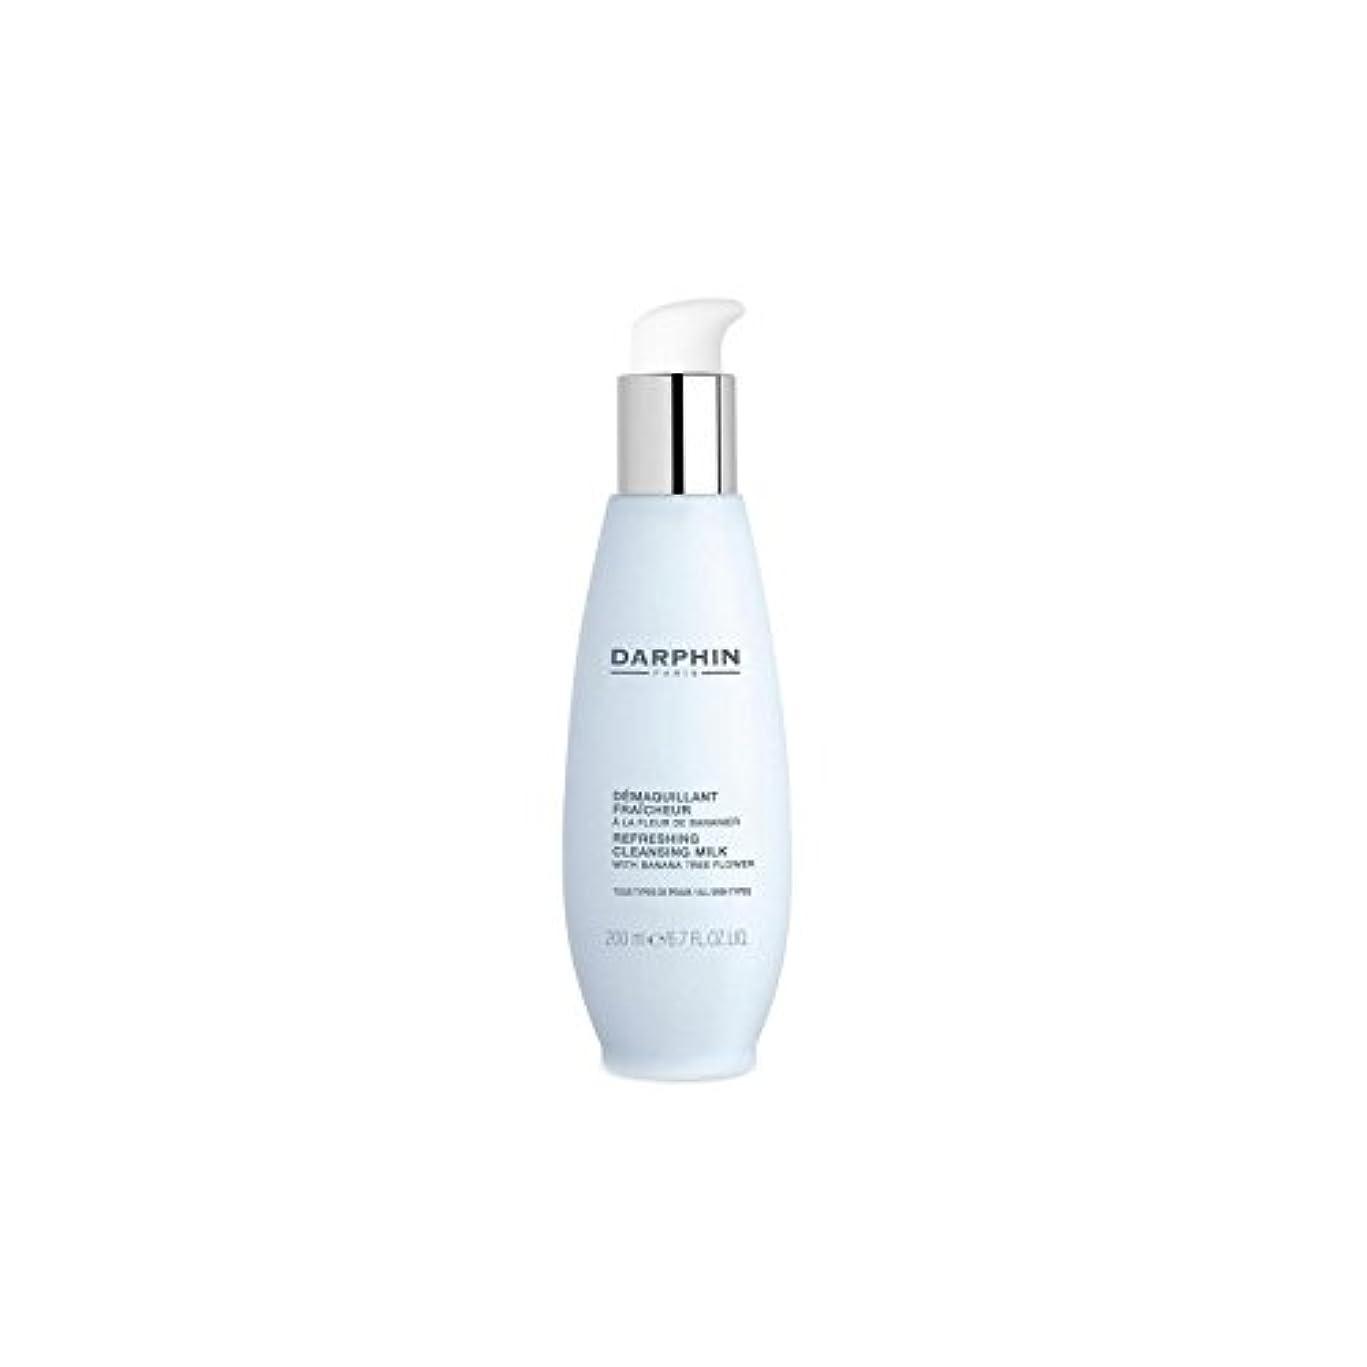 津波ギャロップ胃さわやかなクレンジングミルクをダルファン - 正常な皮膚のために(200ミリリットル) x2 - Darphin Refreshing Cleansing Milk - For Normal Skin (200ml) (...